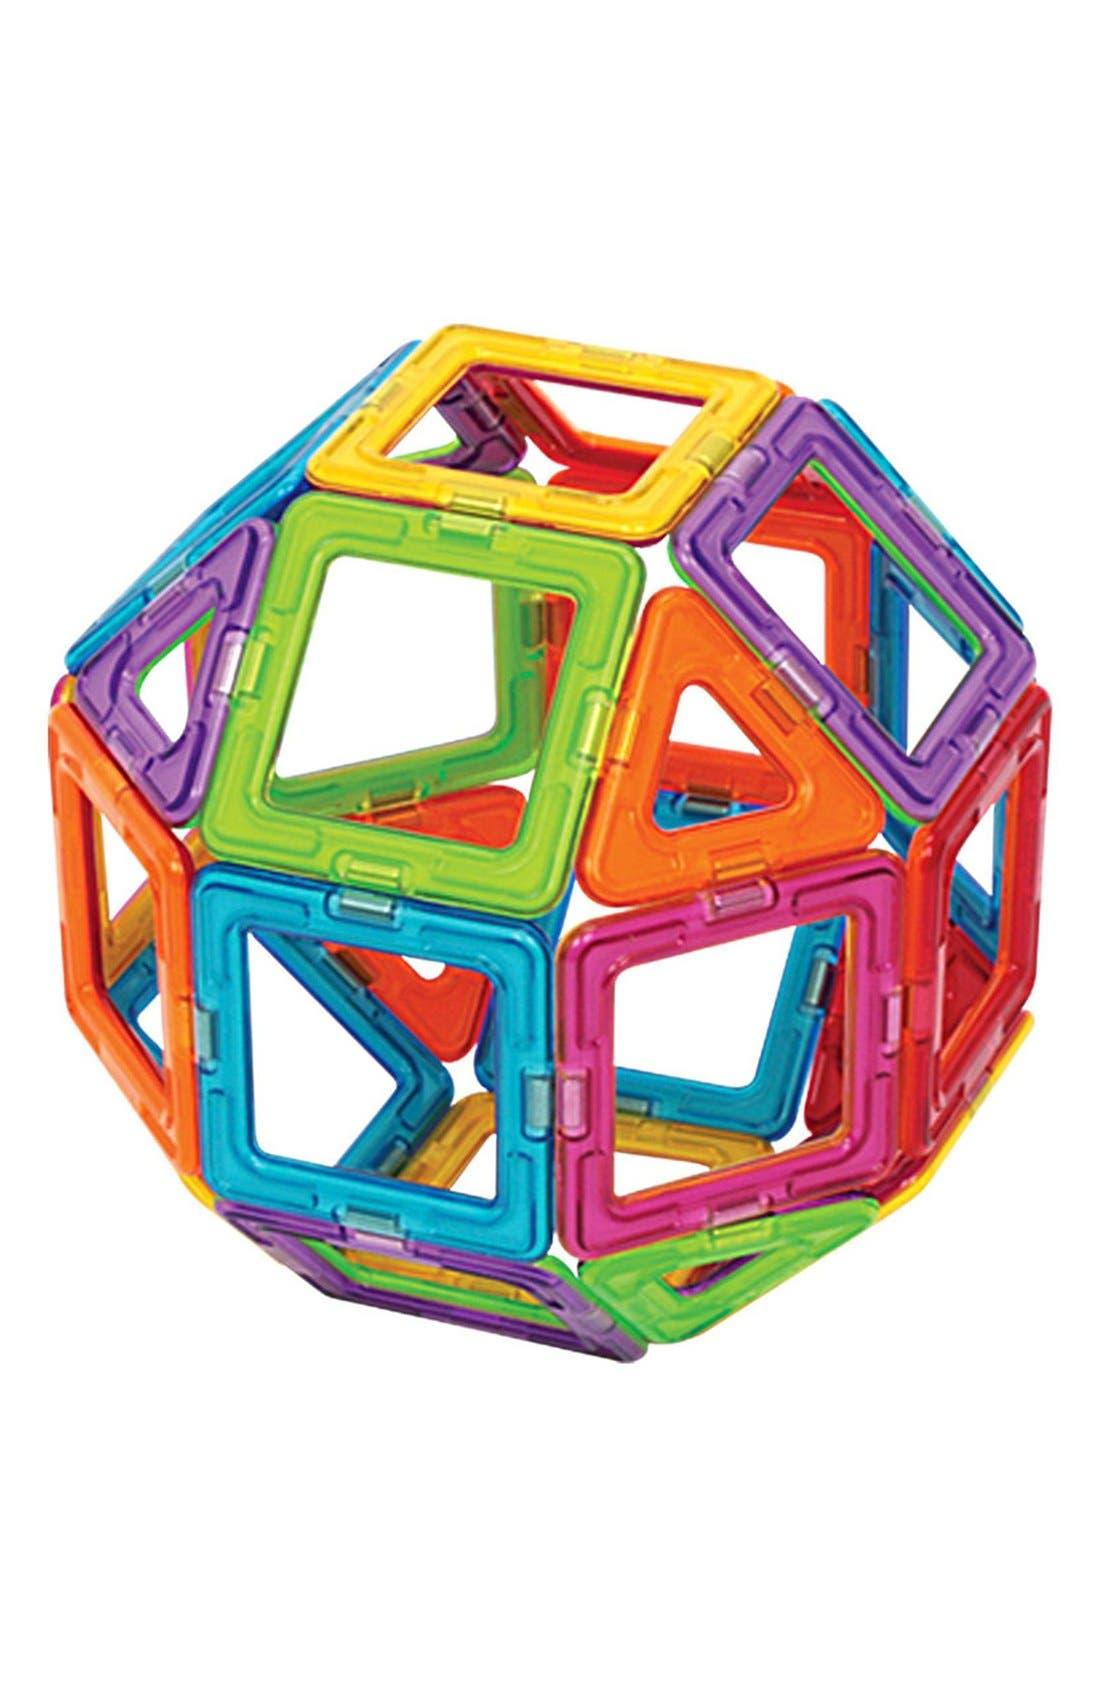 'Standard' Magnetic 3D Construction Set,                             Alternate thumbnail 2, color,                             400